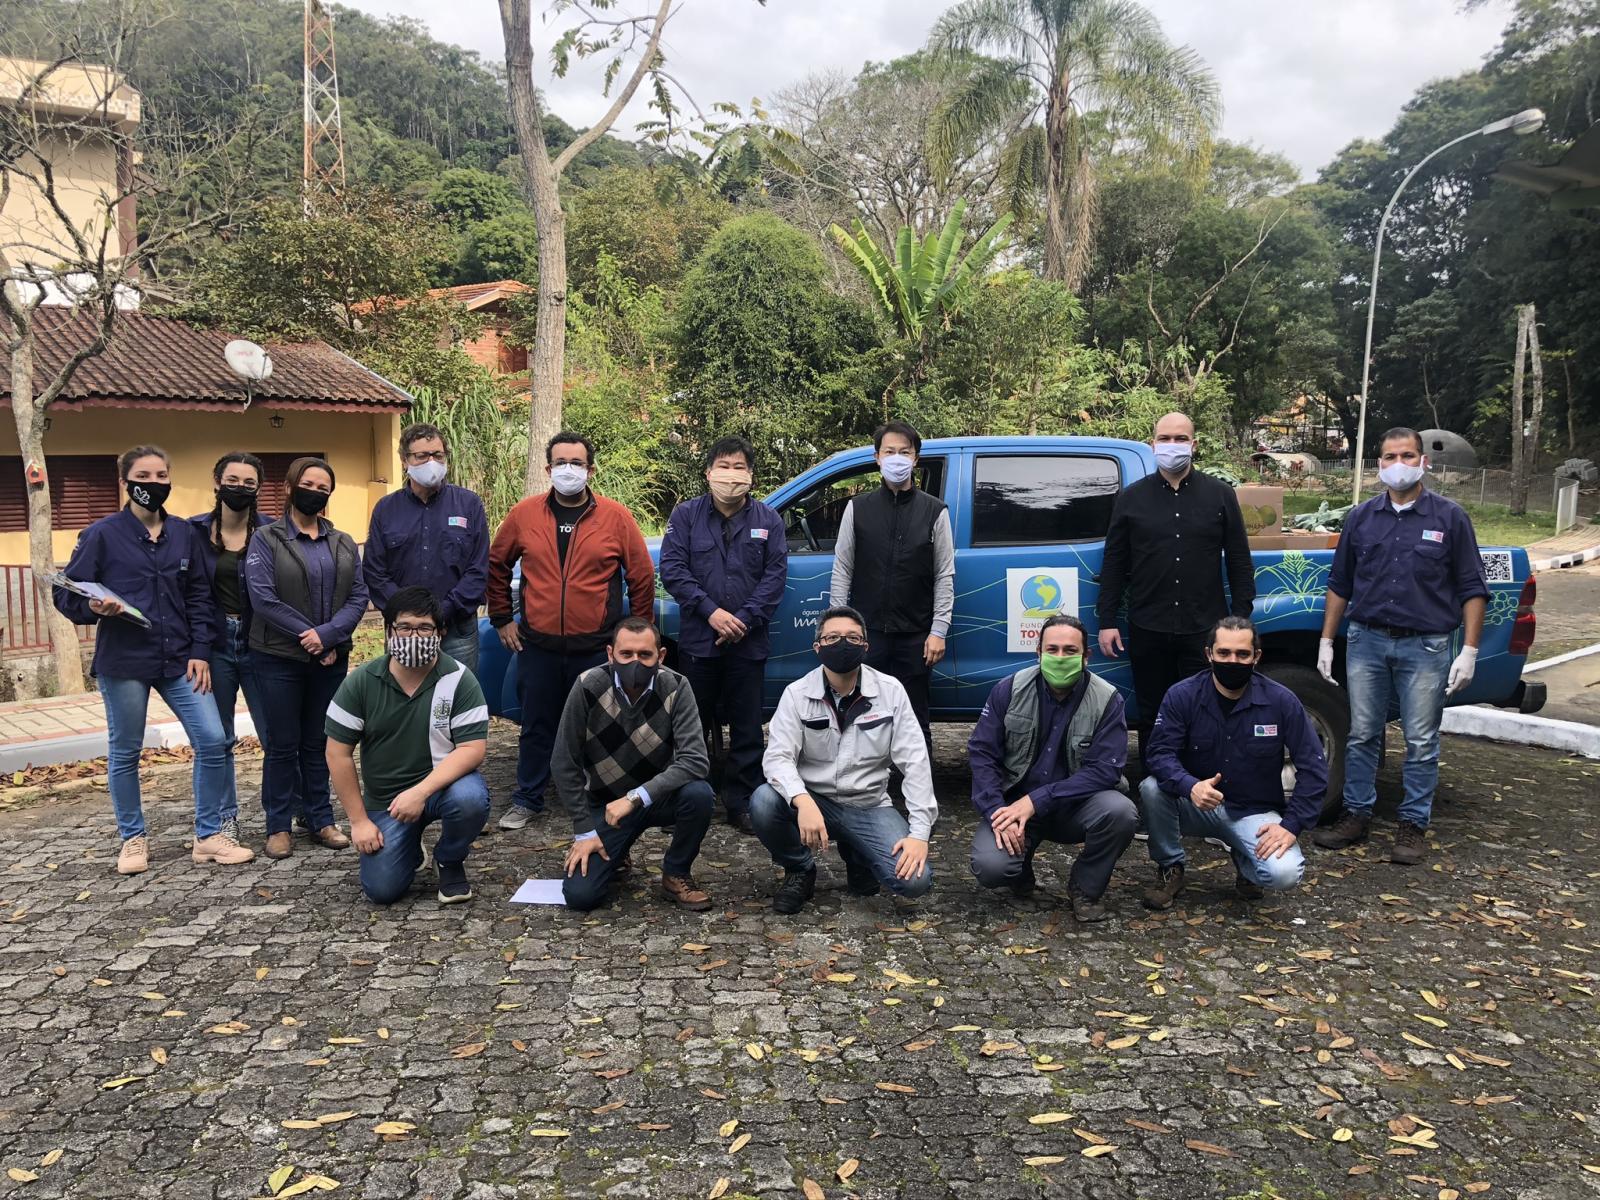 Imagem: Ajuda Humanitária se estende a mais um município da Mantiqueira, Gonçalves (MG)